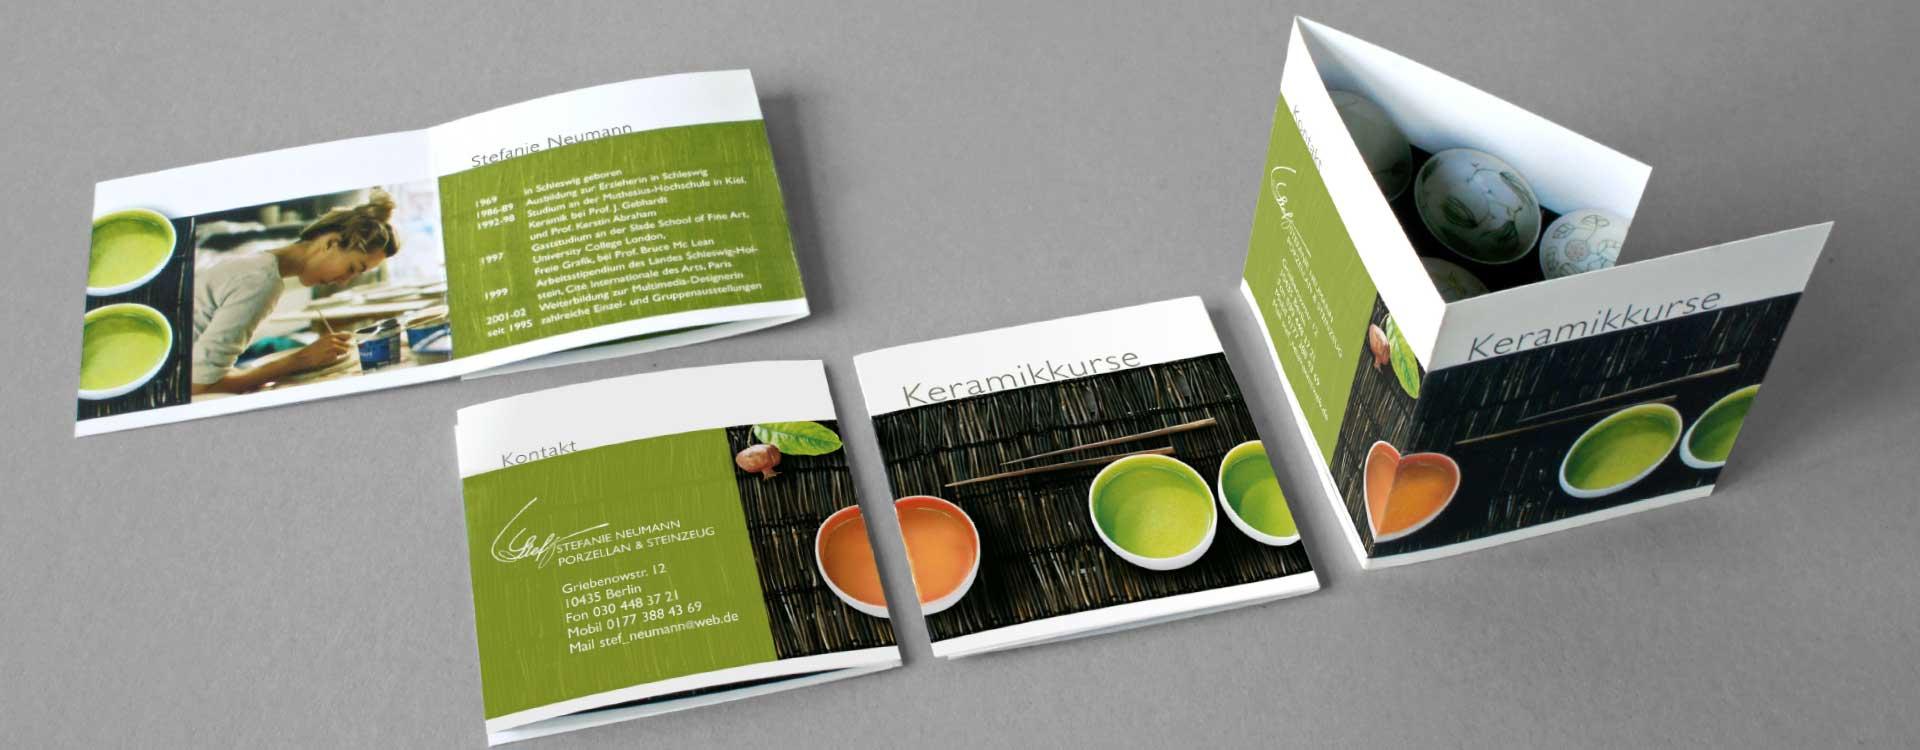 Faltblatt für Stefanie Neumann; Design: Kattrin Richter |Büro für Grafikdesign